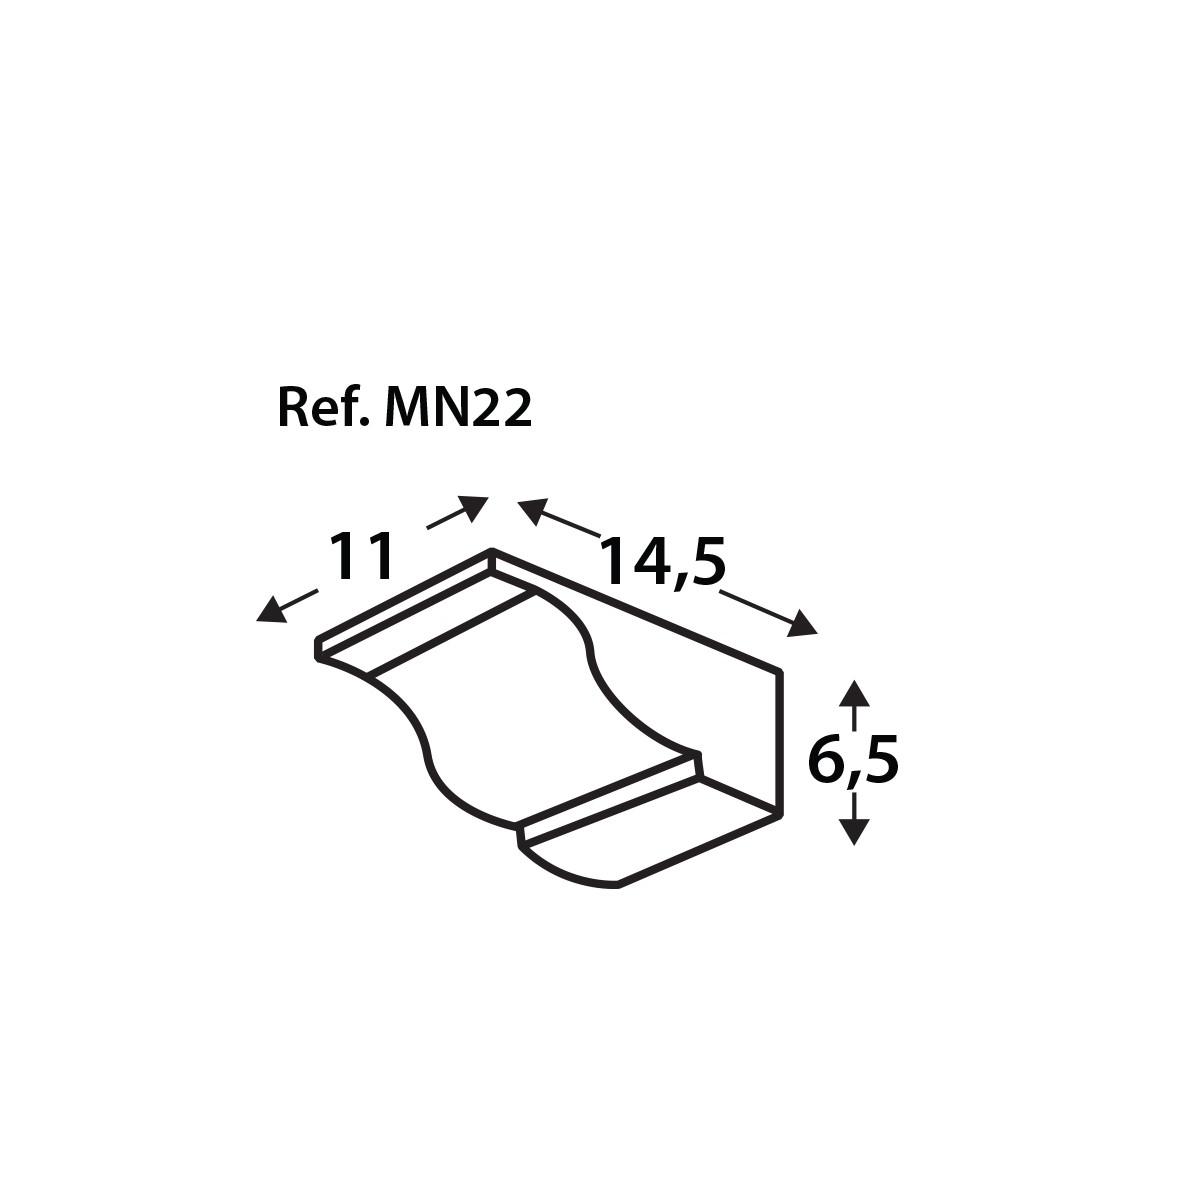 Ménsula MN22 - Ménsulas imitación madera de poliuretano - Marca Grupo Unamacor